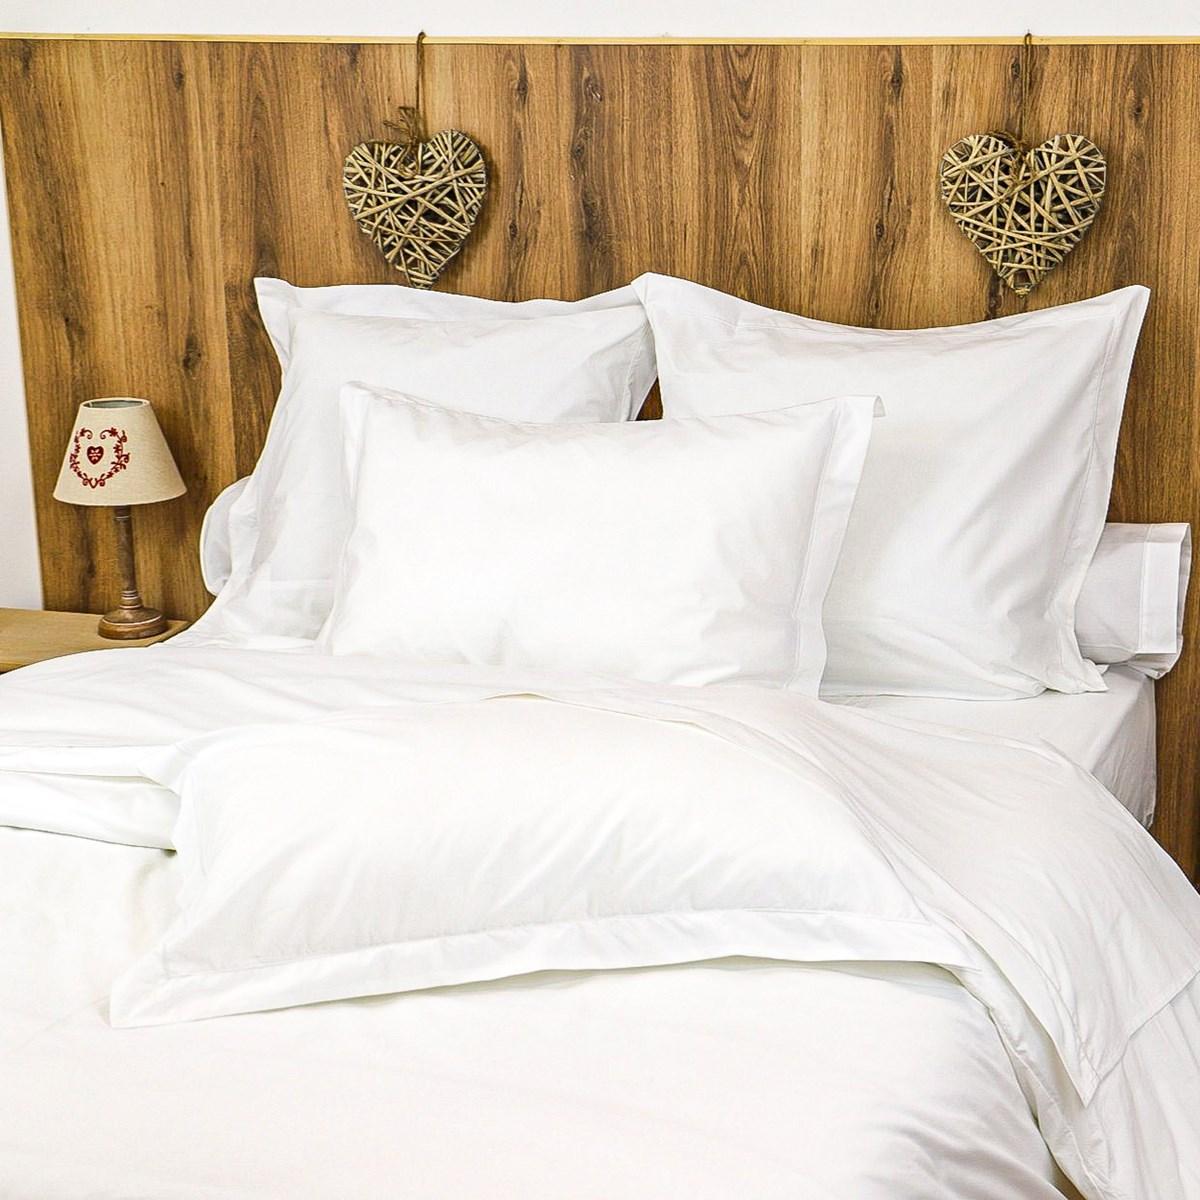 Parure housse de couette percale 200 fils en coton blanc 200x200 cm